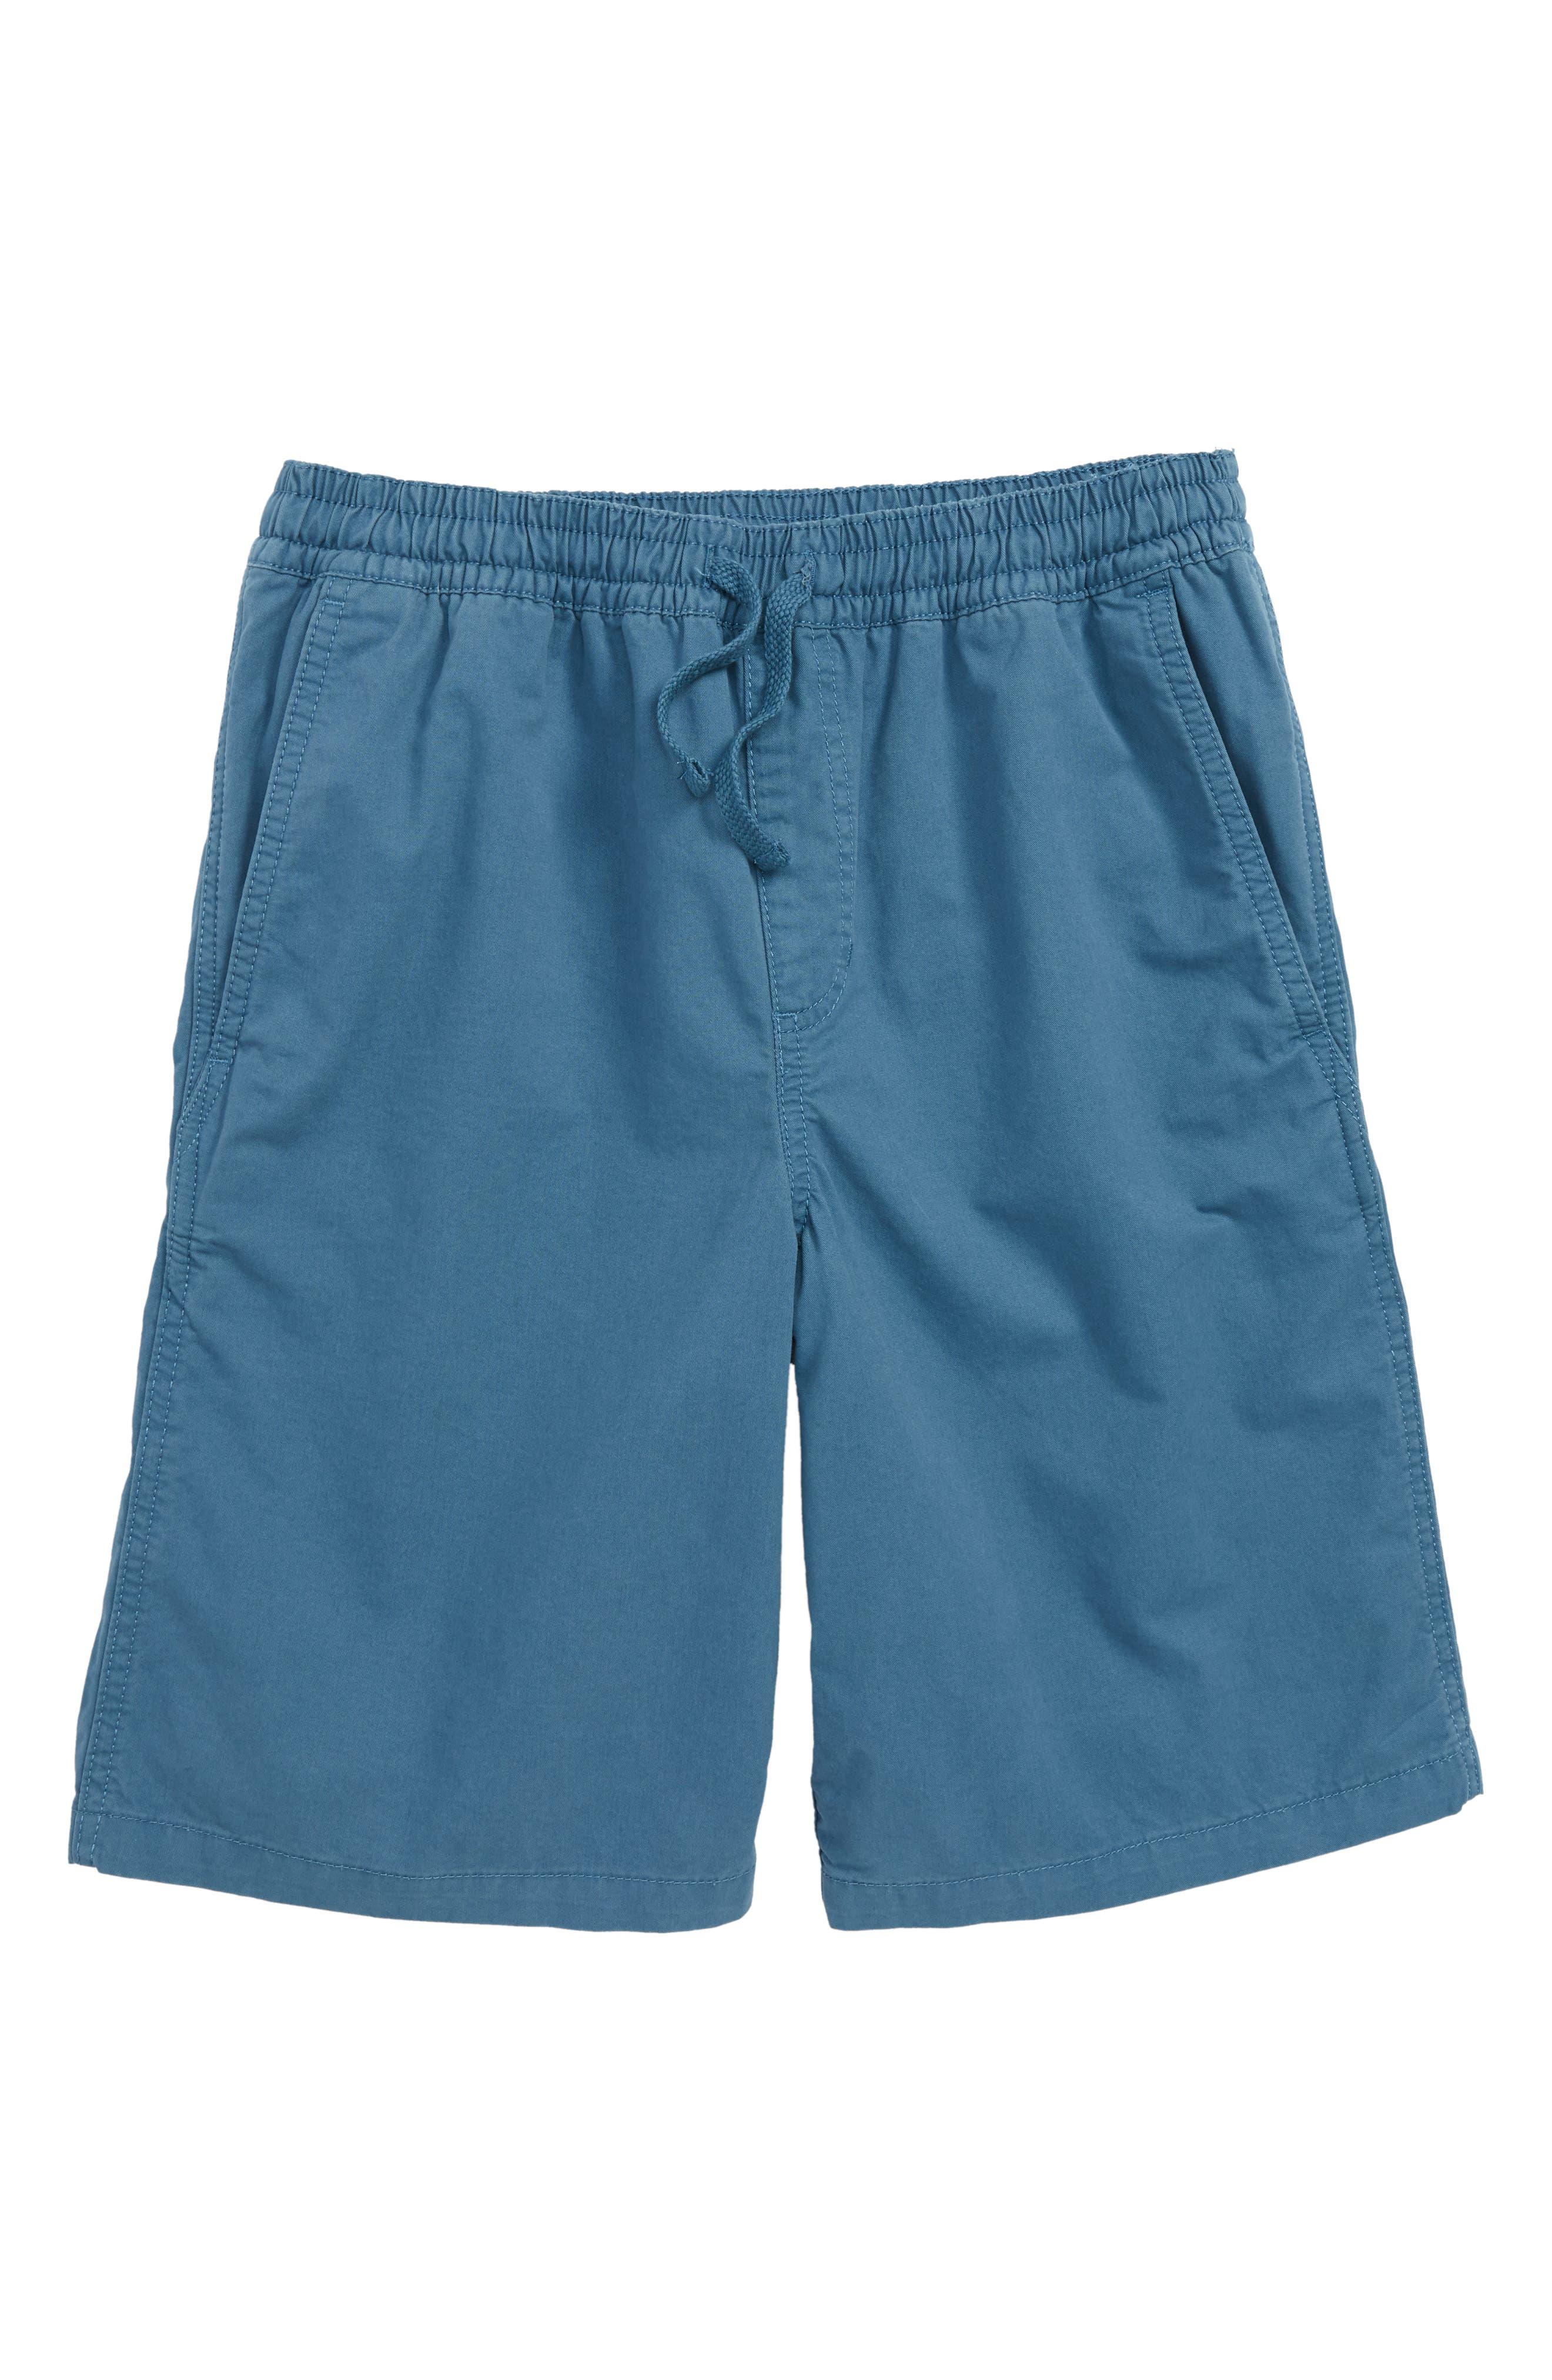 Range Shorts,                         Main,                         color, Real Teal